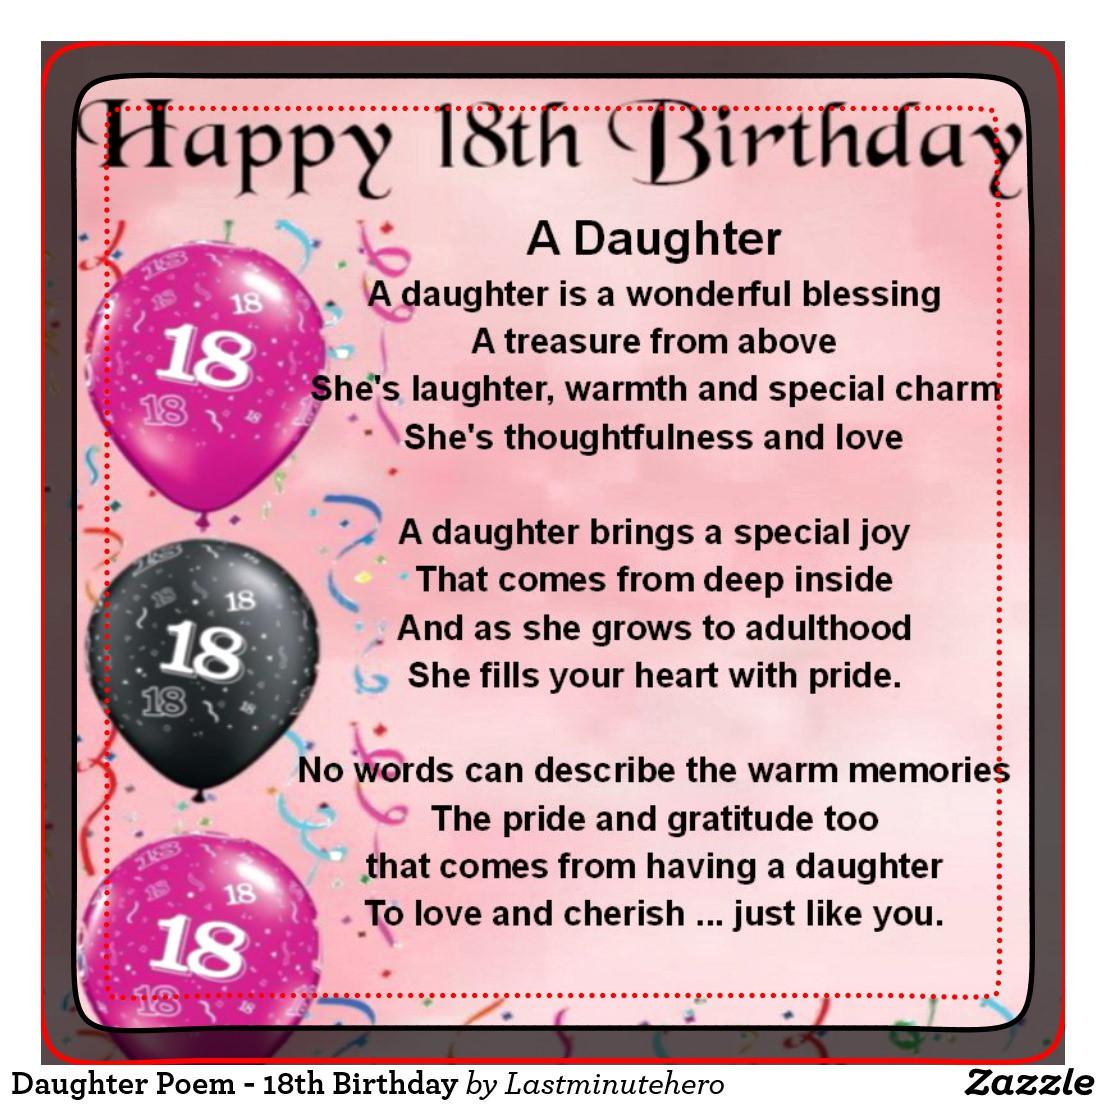 Geburtstagswünsche Zum 18. Geburtstag  Gedicht Für Tochter Zum 25 Geburtstag